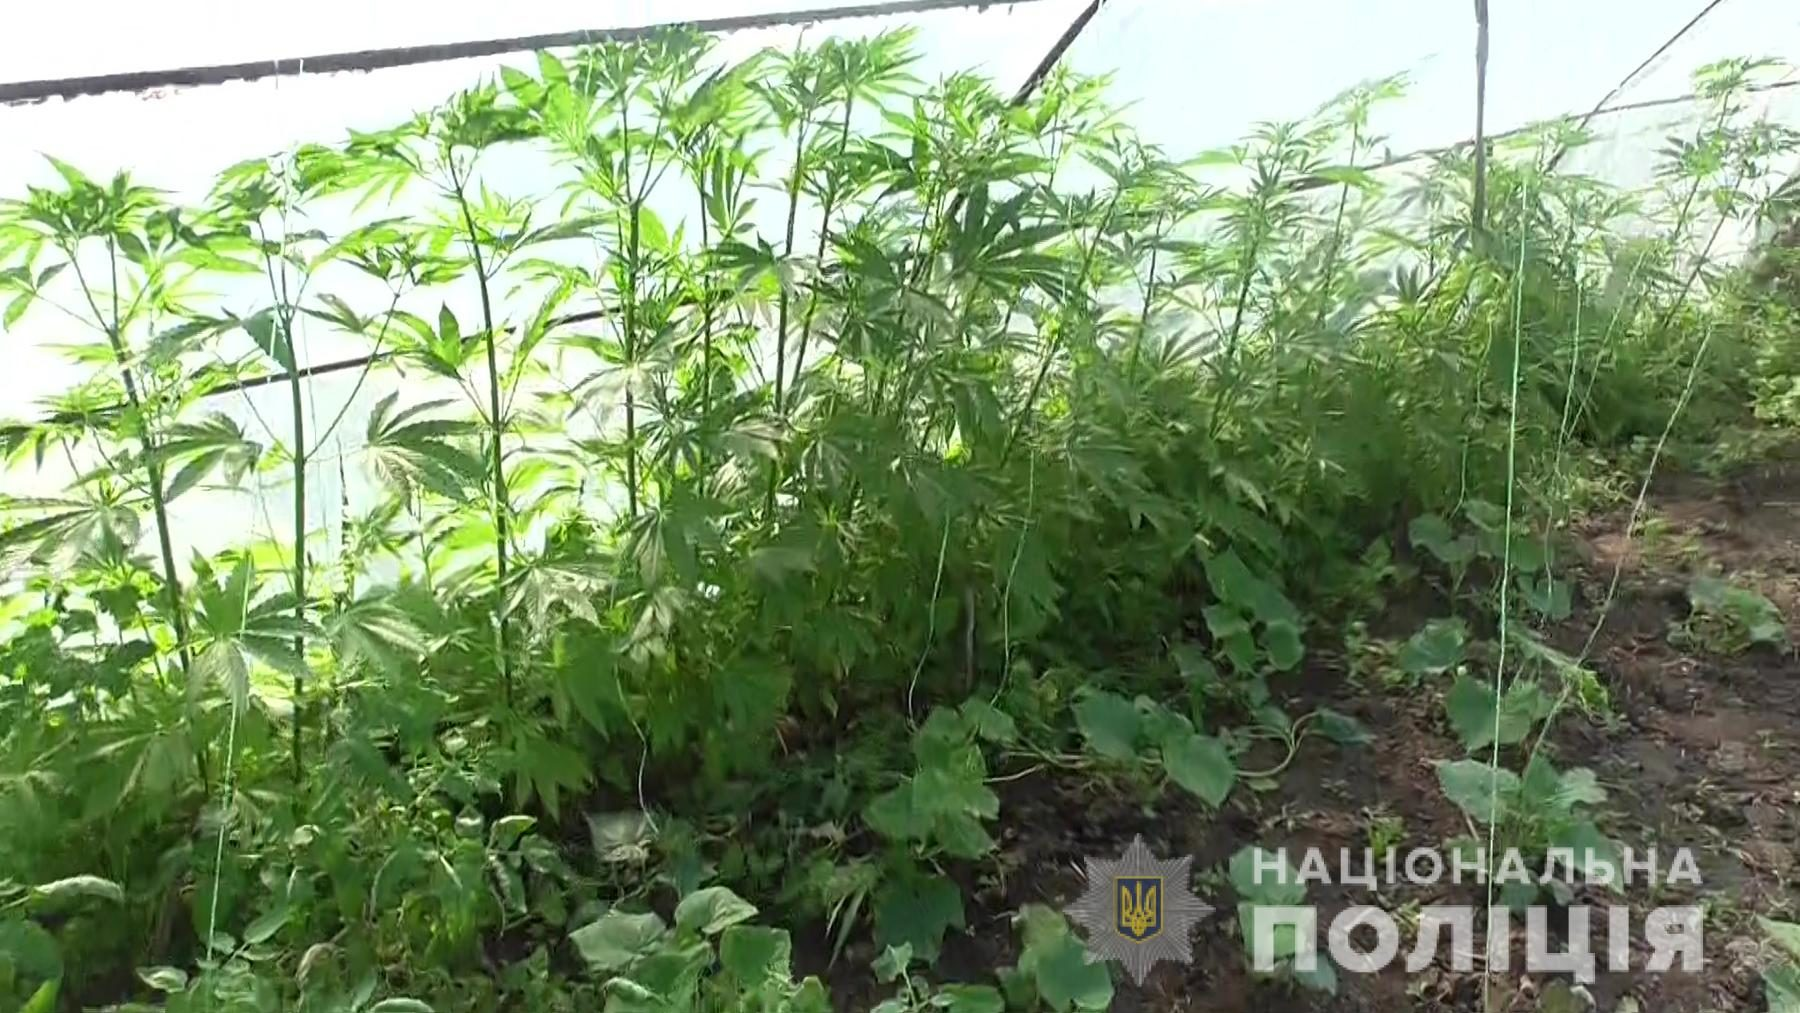 Житель Запорізької області вирощував у теплиці кущі конопель, – ФОТО